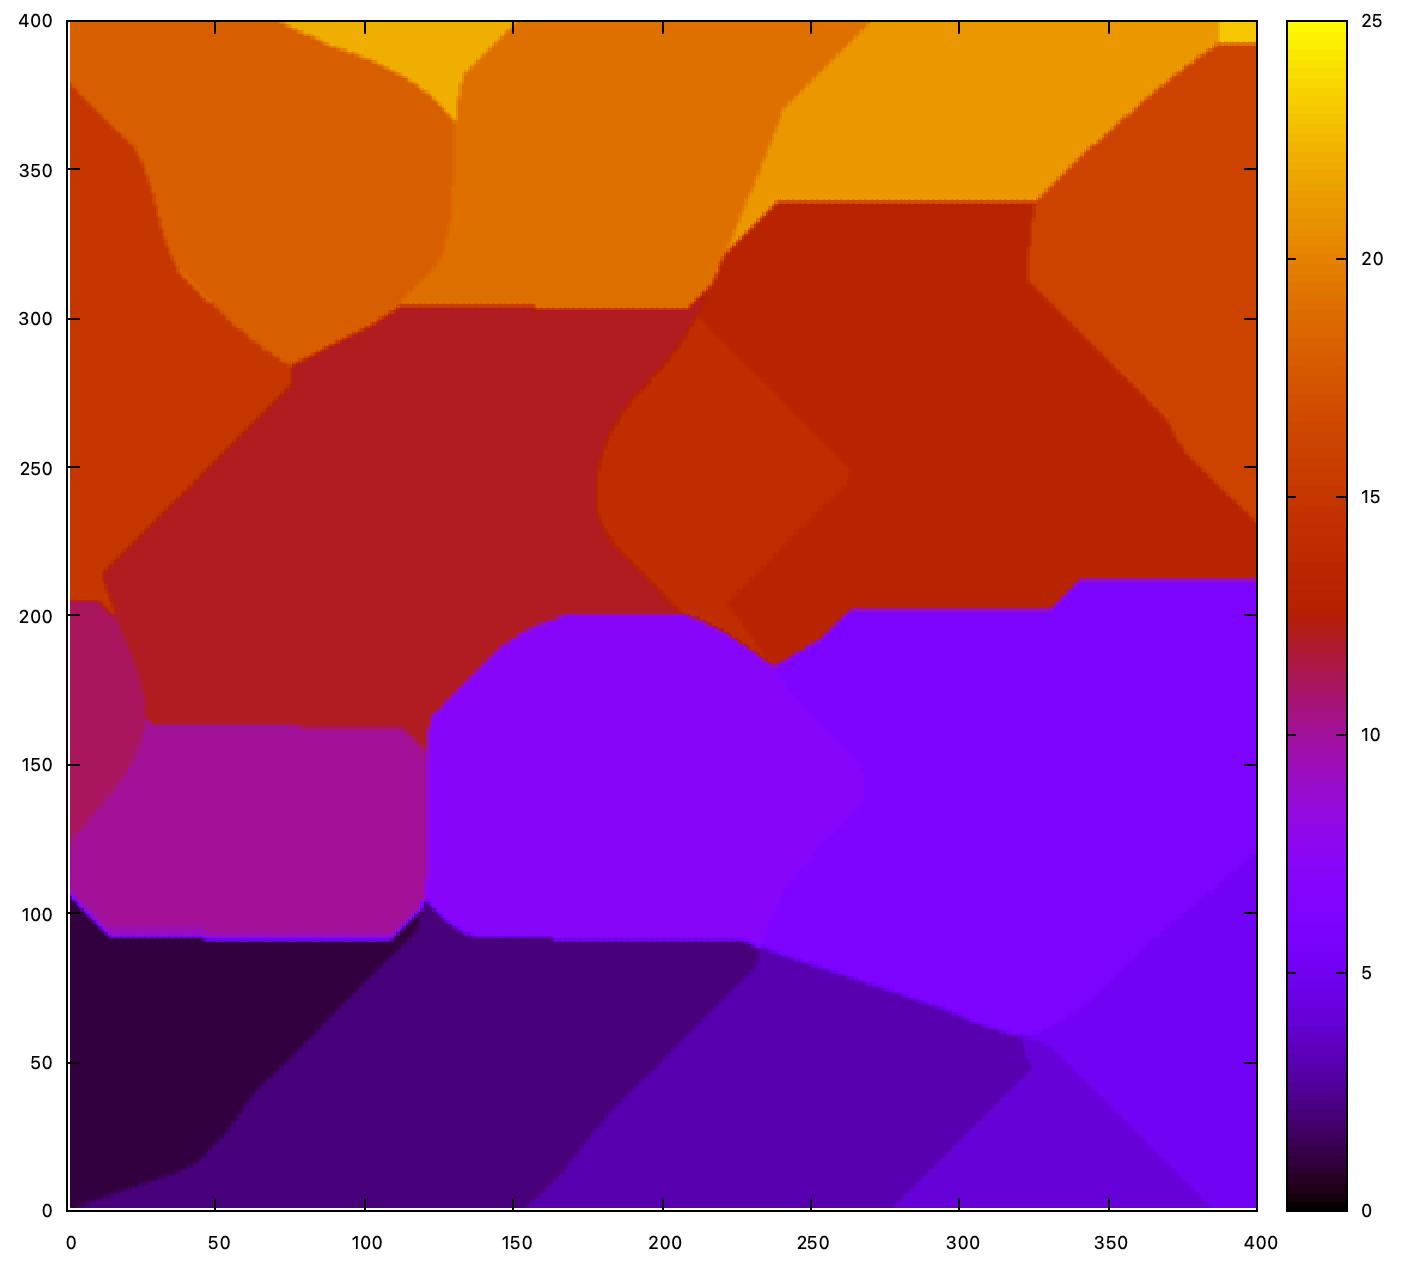 Цветовая кодировка областей бассейна